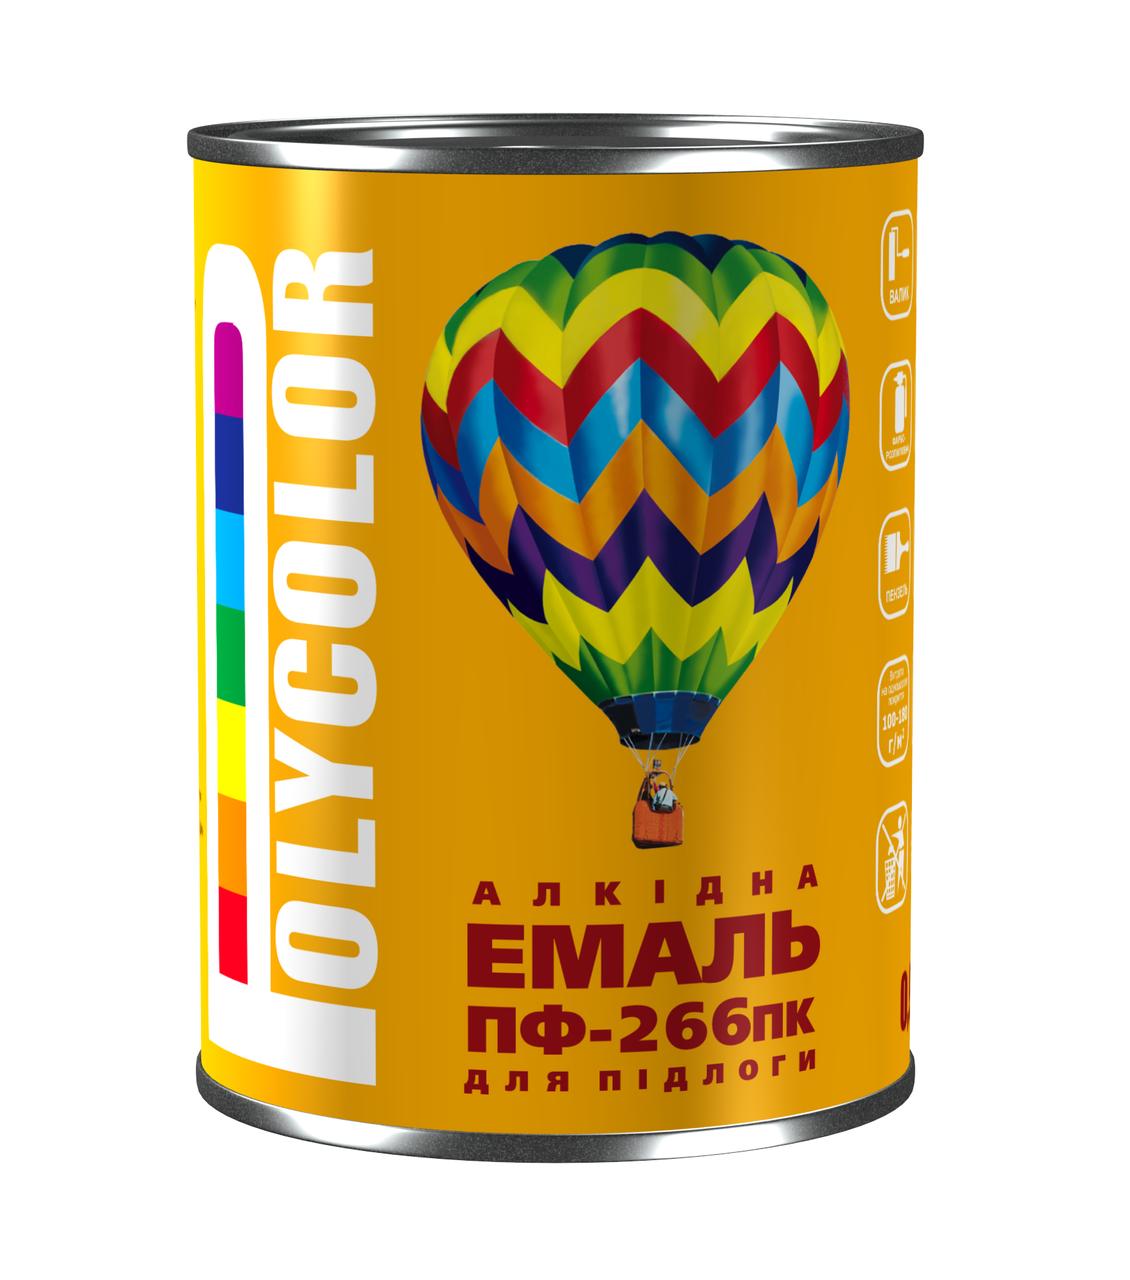 Емаль алкідна для підлоги економ ПФ-266/POLYCOLOR/ червоно-коричнева 0,9